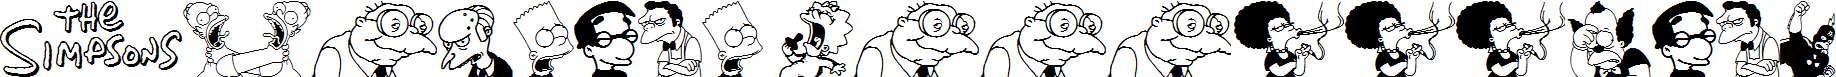 Simpsons-Mmmm.Font